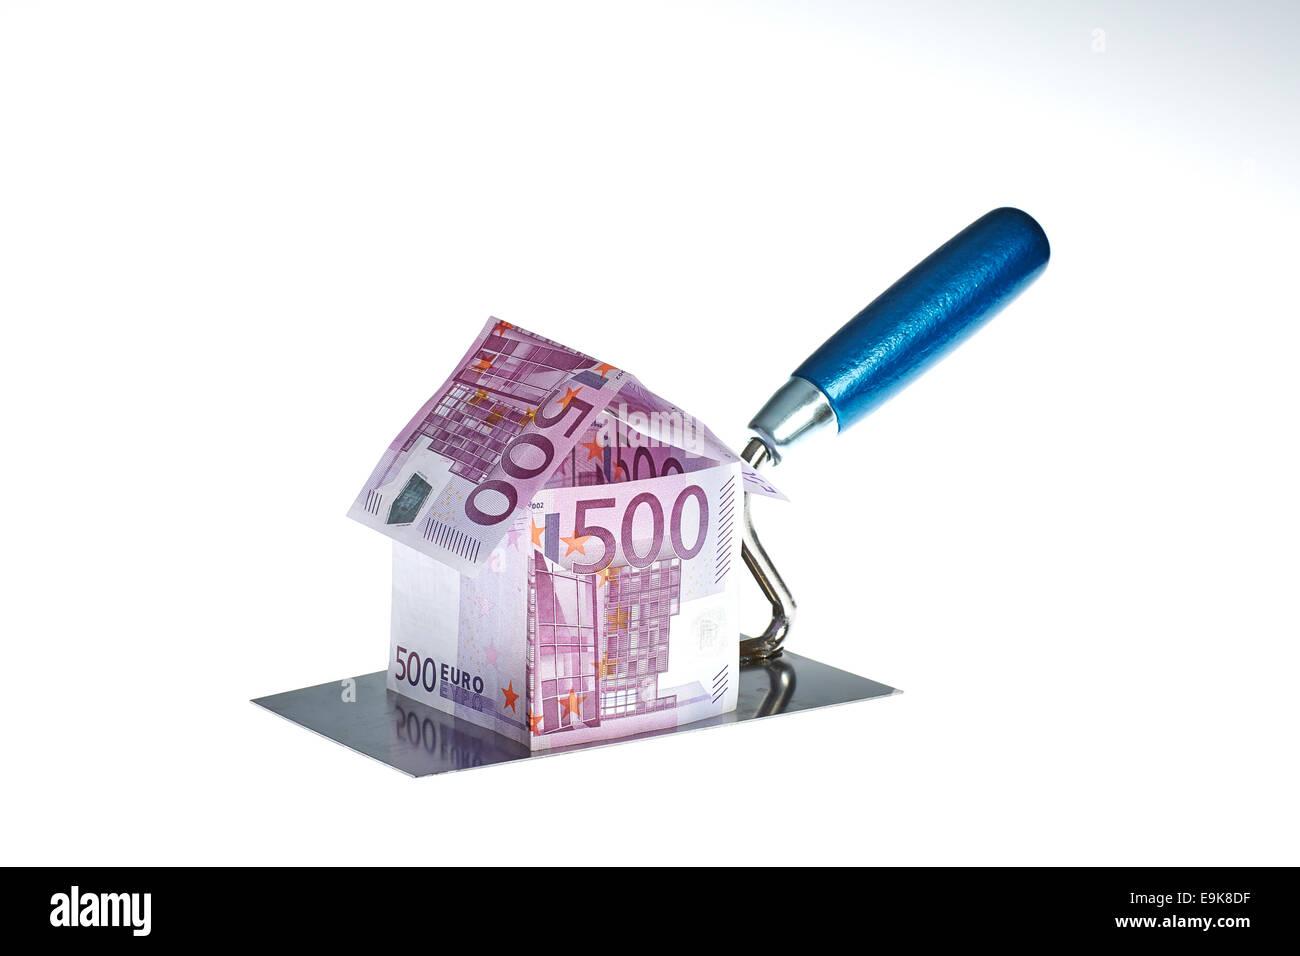 Haus gebaut aus Euro Geldschein auf Handwerker Kelle - Stock Image